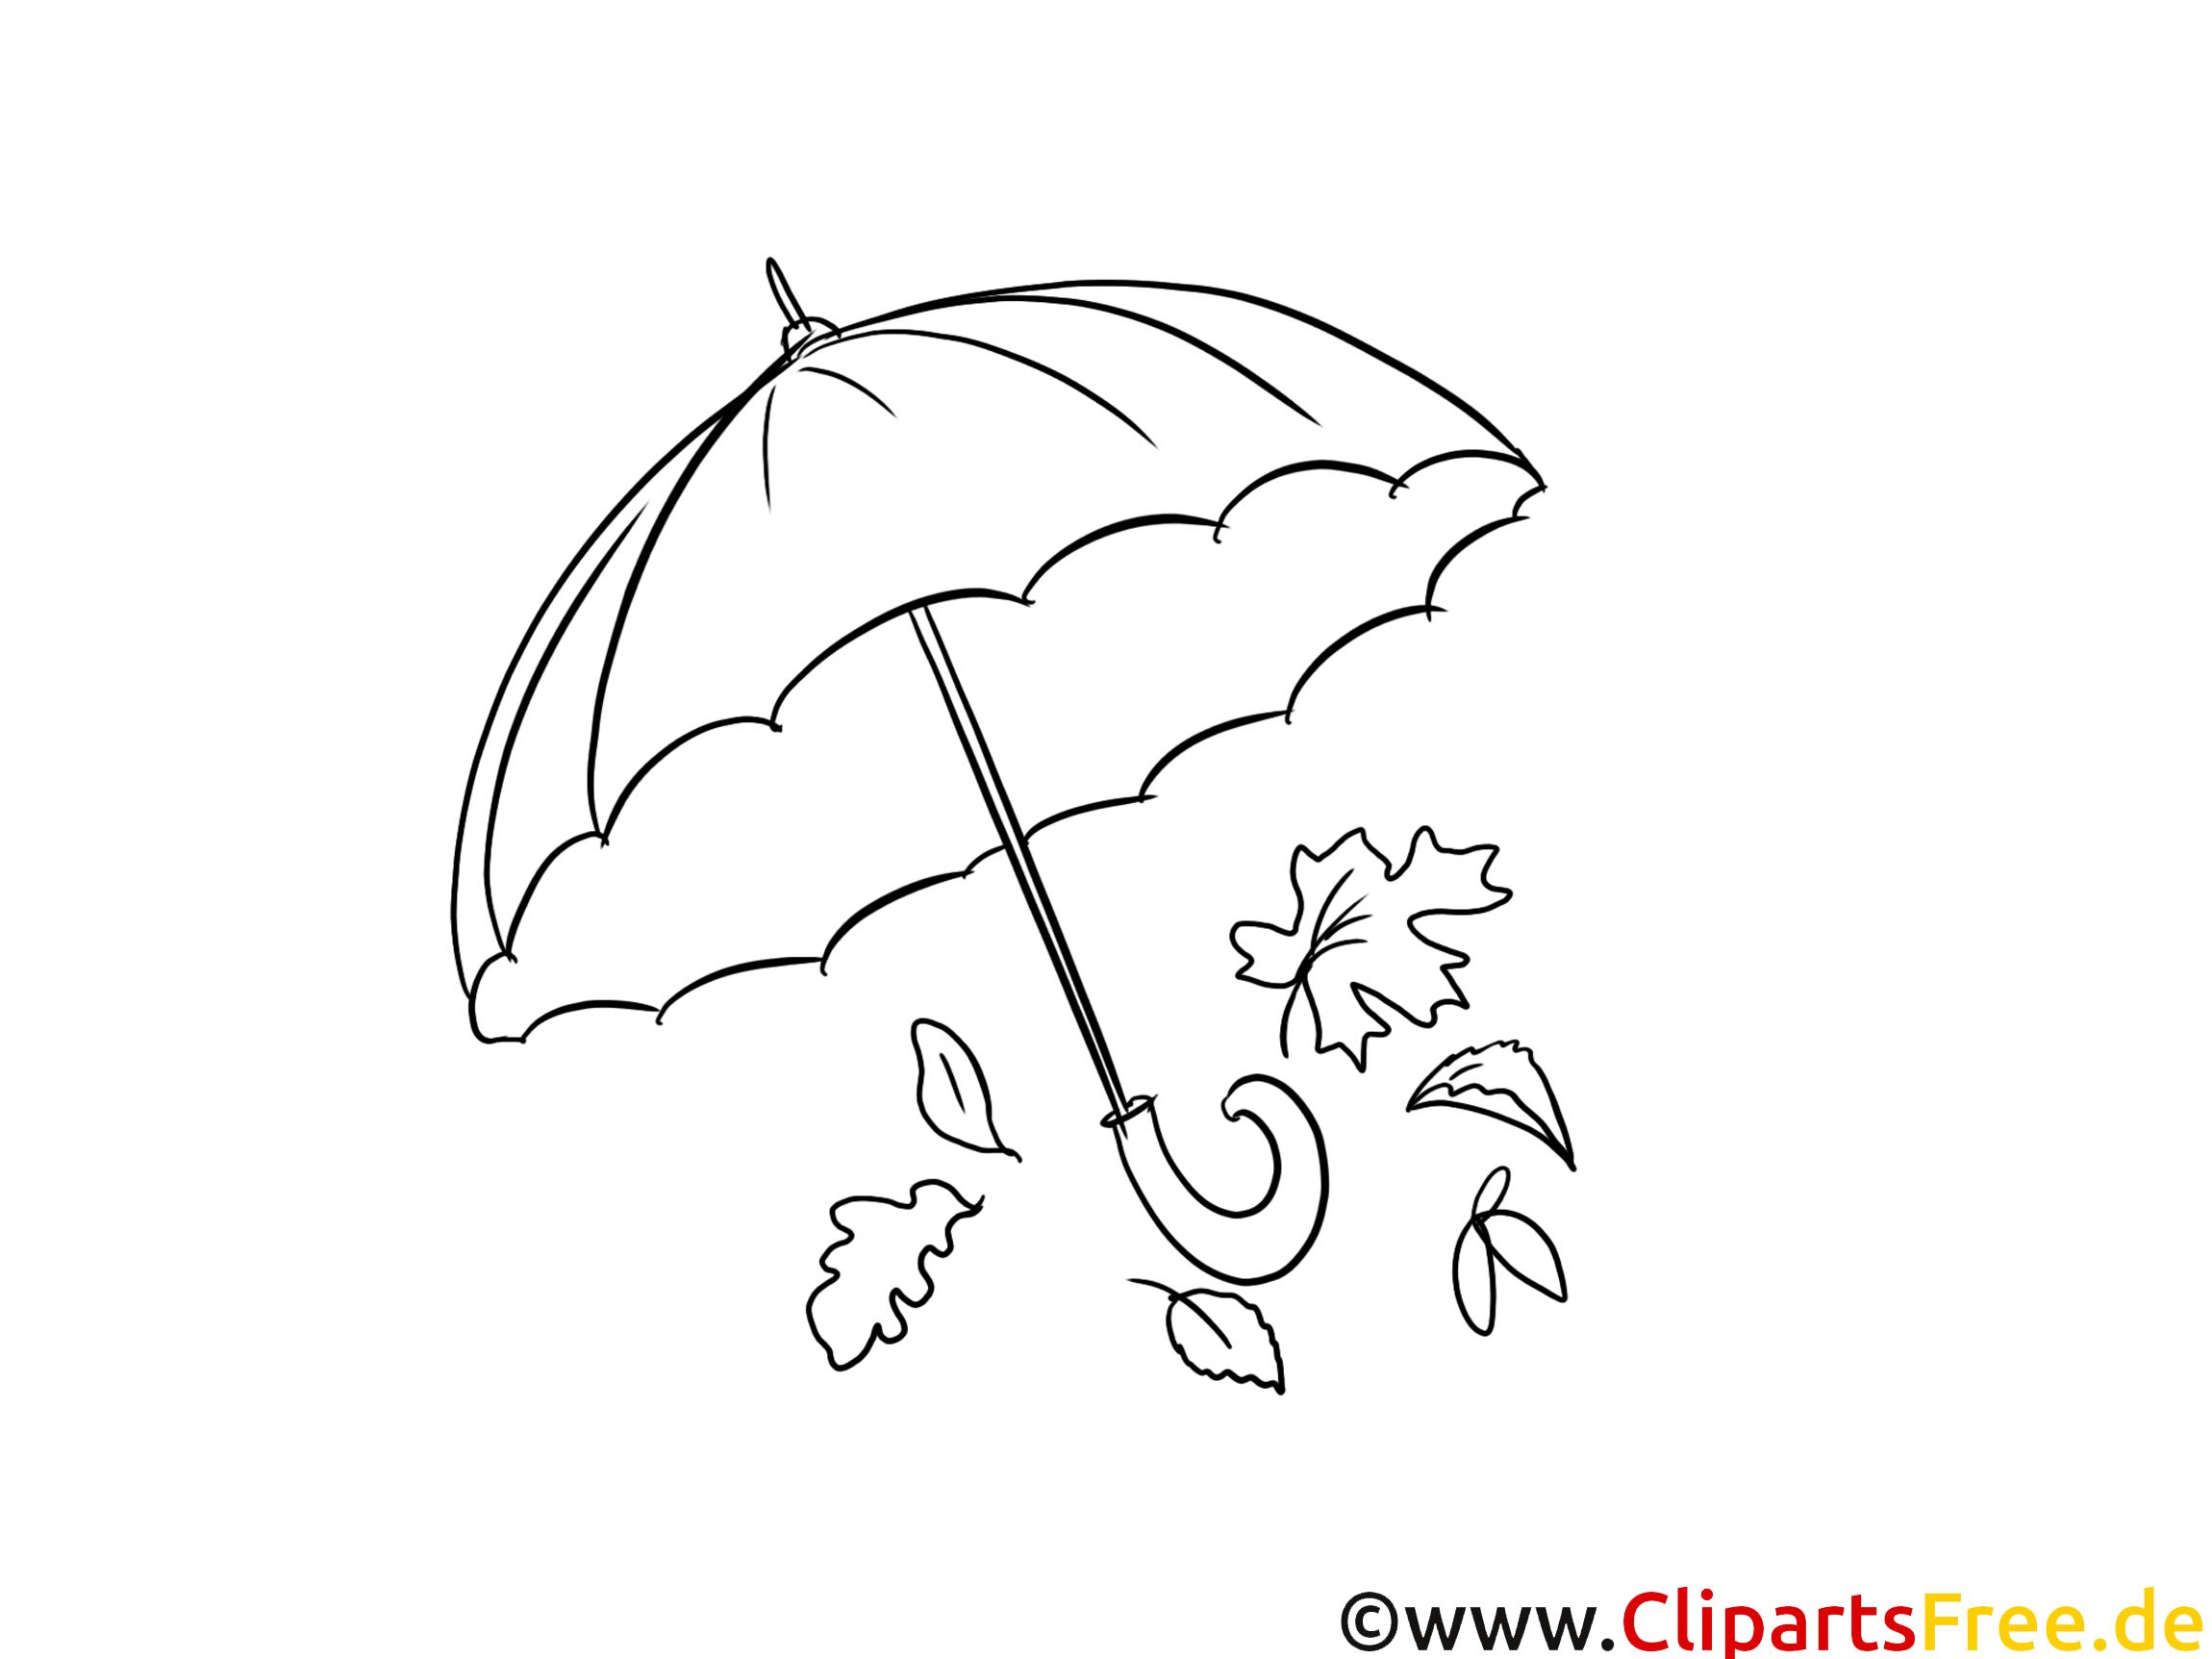 Parapluie dessins gratuits automne colorier automne - Parapluie dessin ...